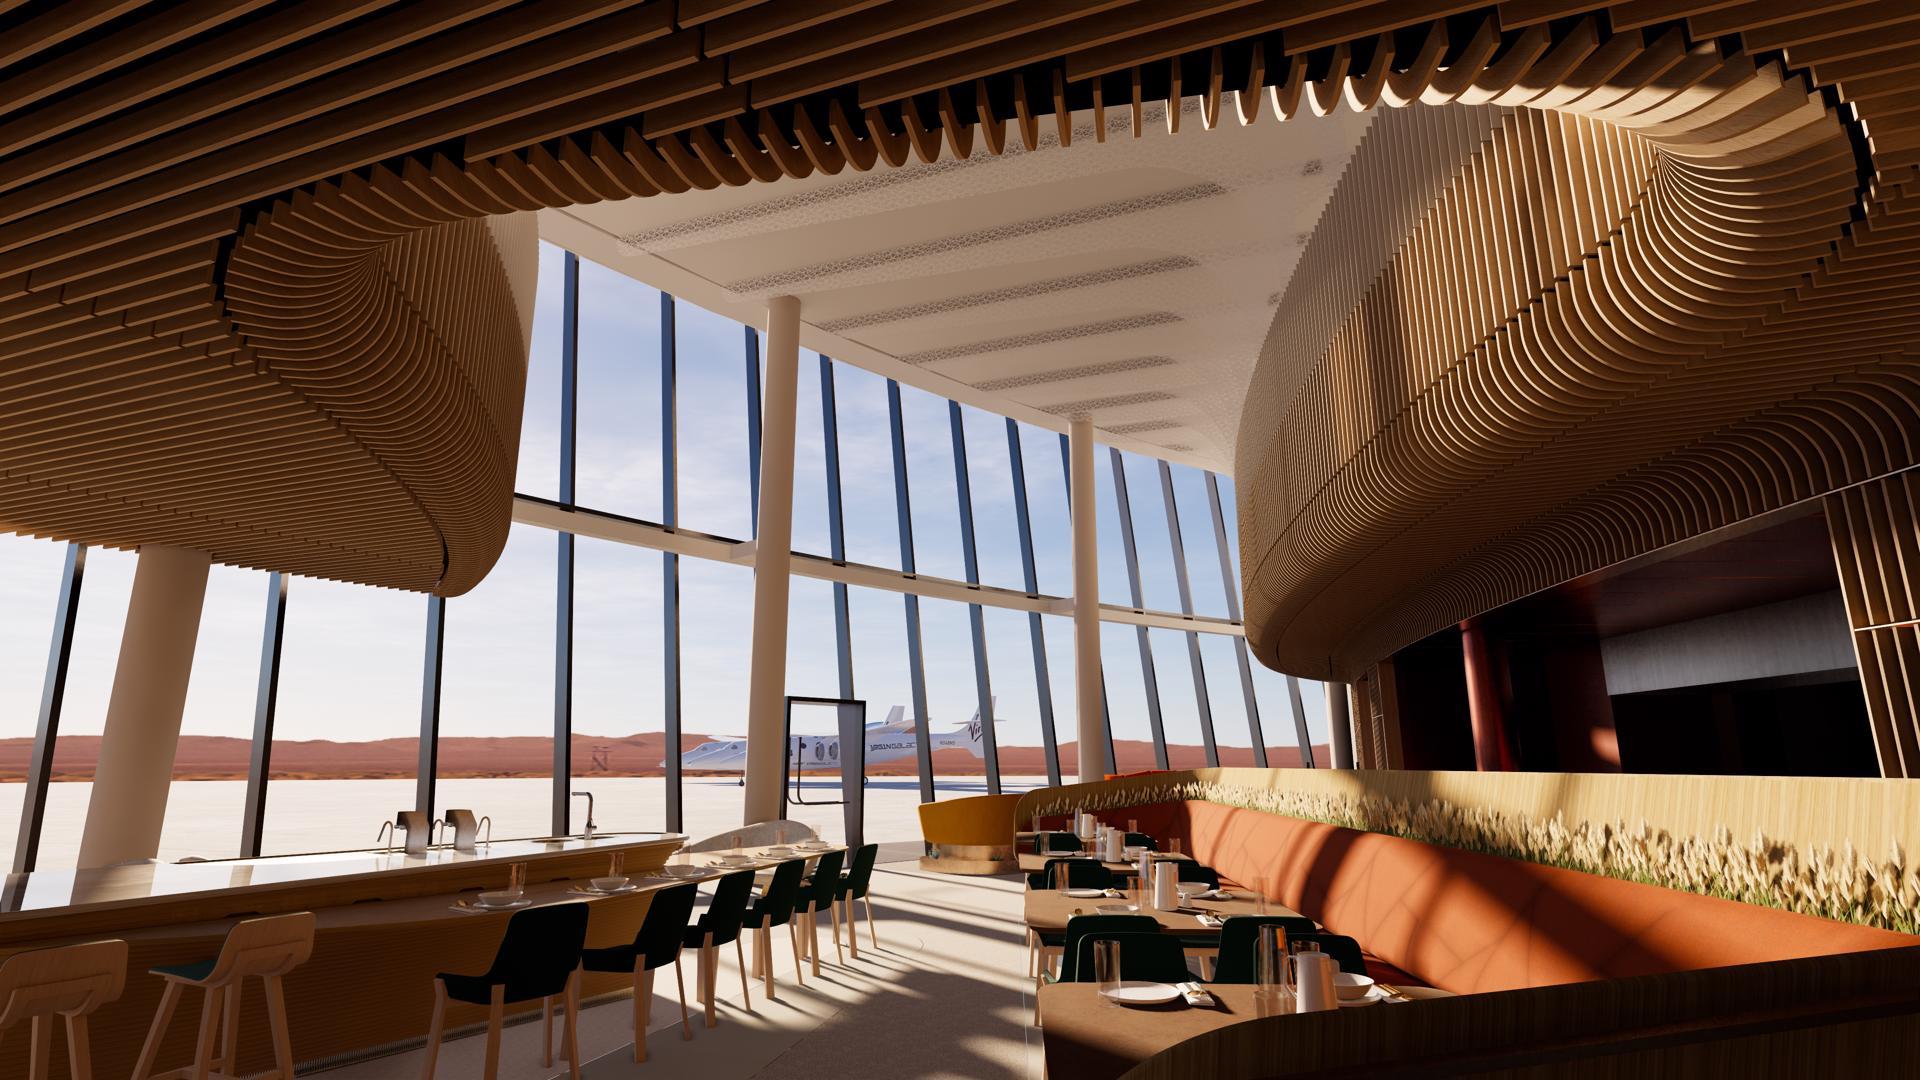 Viewportstudio_Spaceport_Restaurant Rendered in Enscape (2)